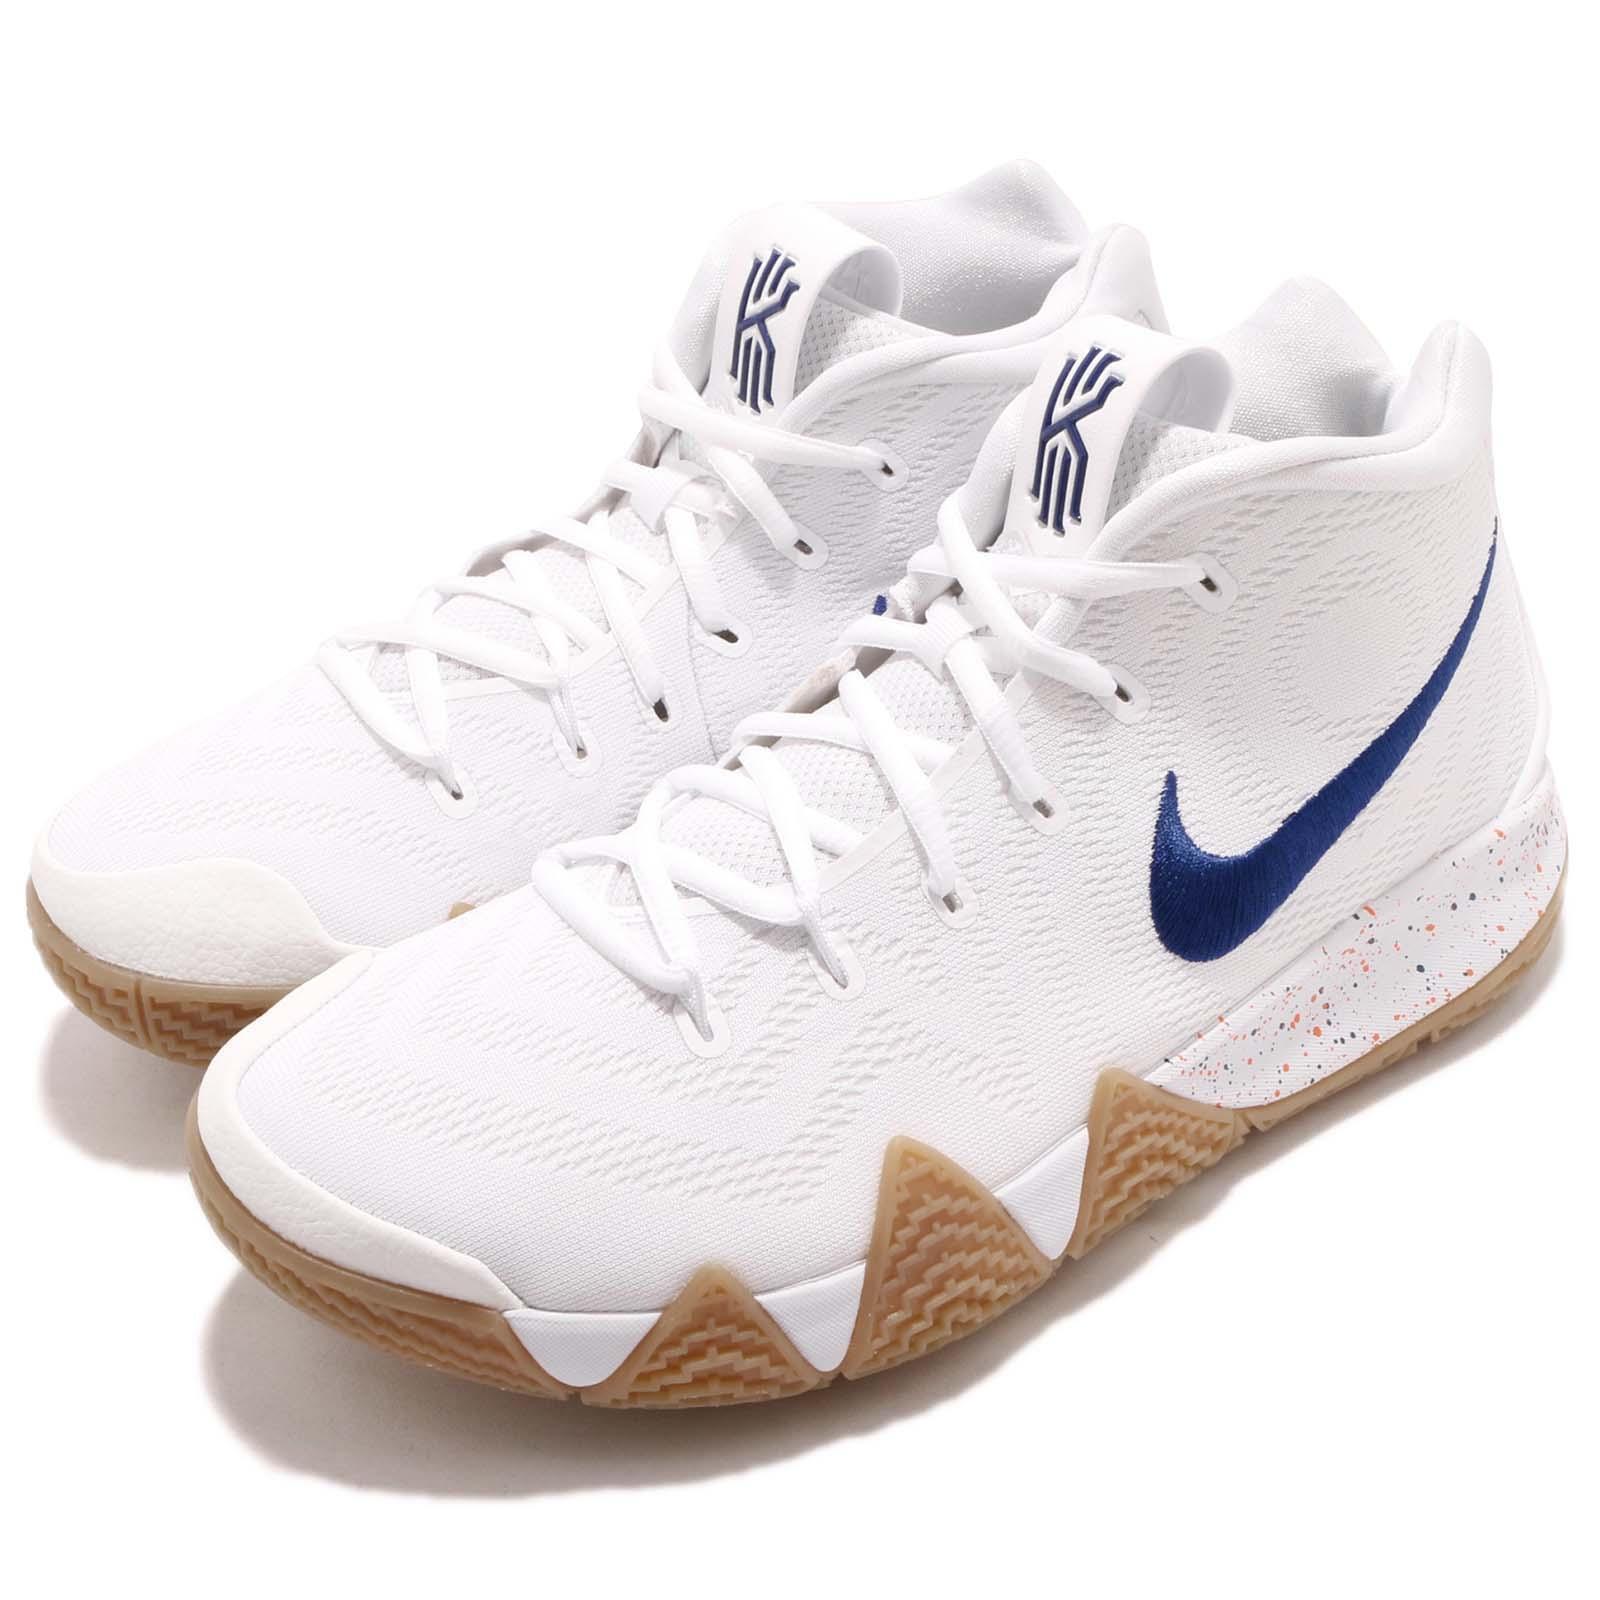 Nike kyrie irving 4 ep zio drew drew drew mens scarpe da basket zoom air scarpe da ginnastica - 1   A Basso Costo    Uomo/Donna Scarpa  bb357e